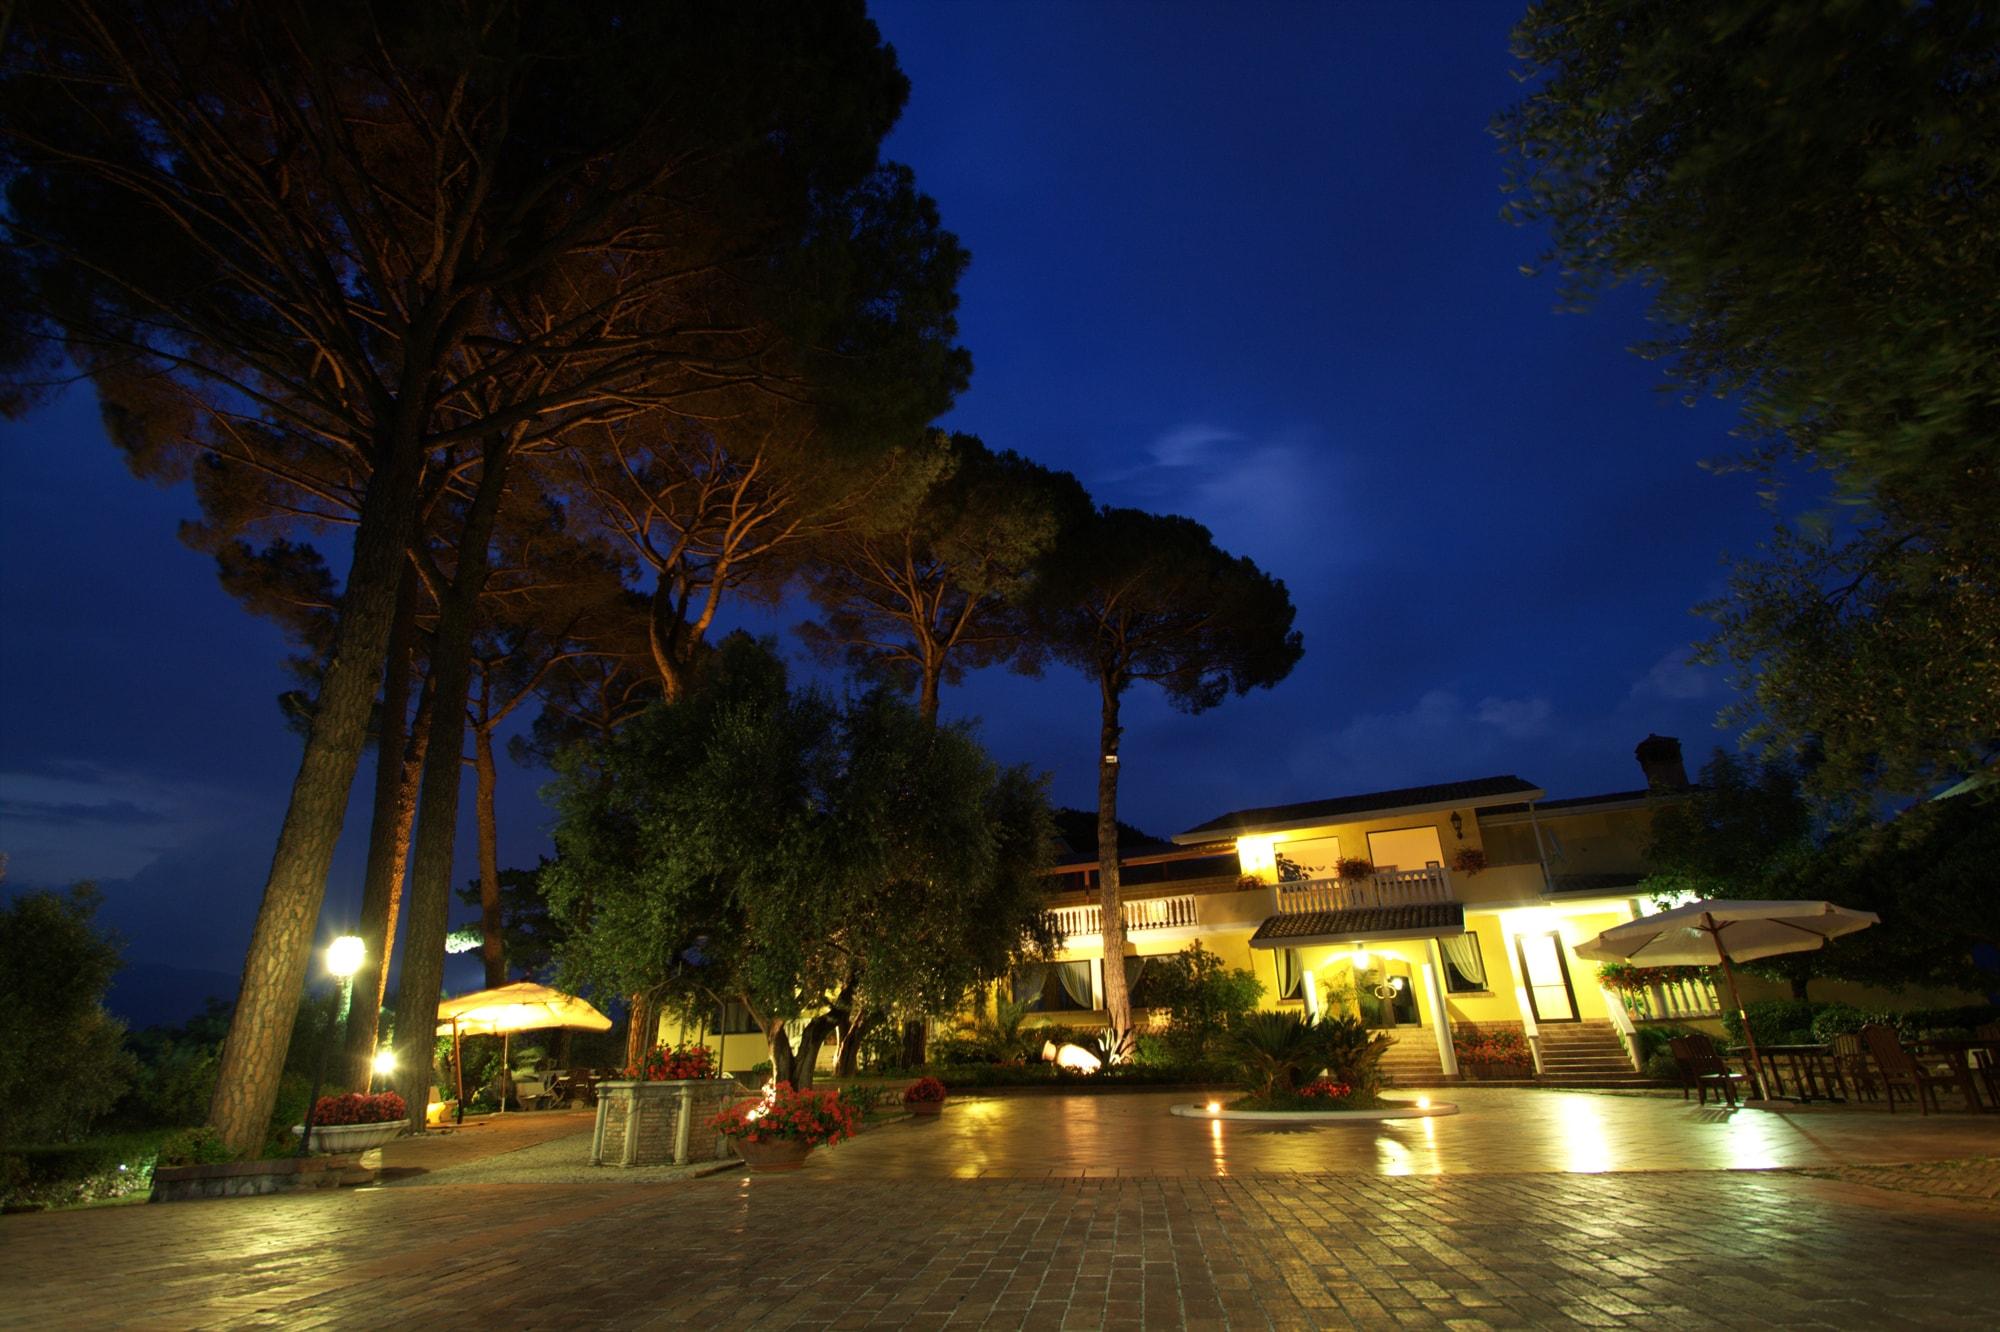 la-villa-del-colle-ristorante-albergo-hotel-monte-san-giovanni-campano-frosinone-cerimonie-matrimonio-4-min